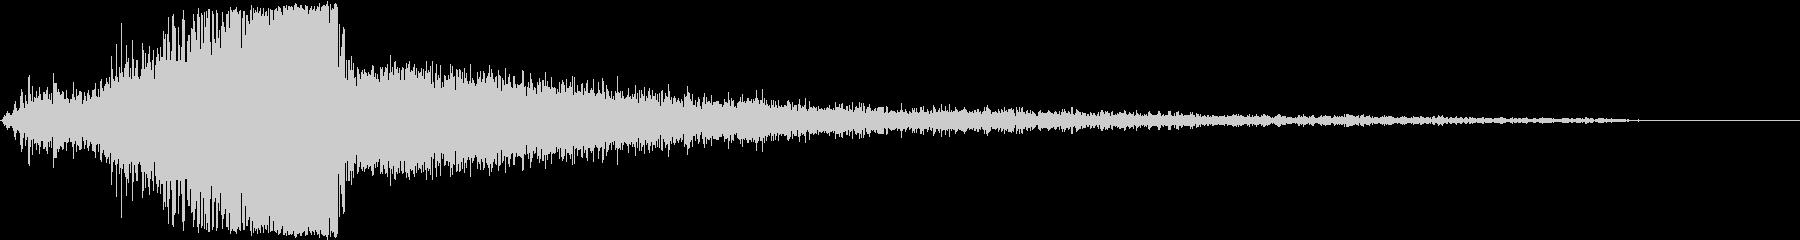 【タイトル】ダークな映像美に合うサウンドの未再生の波形